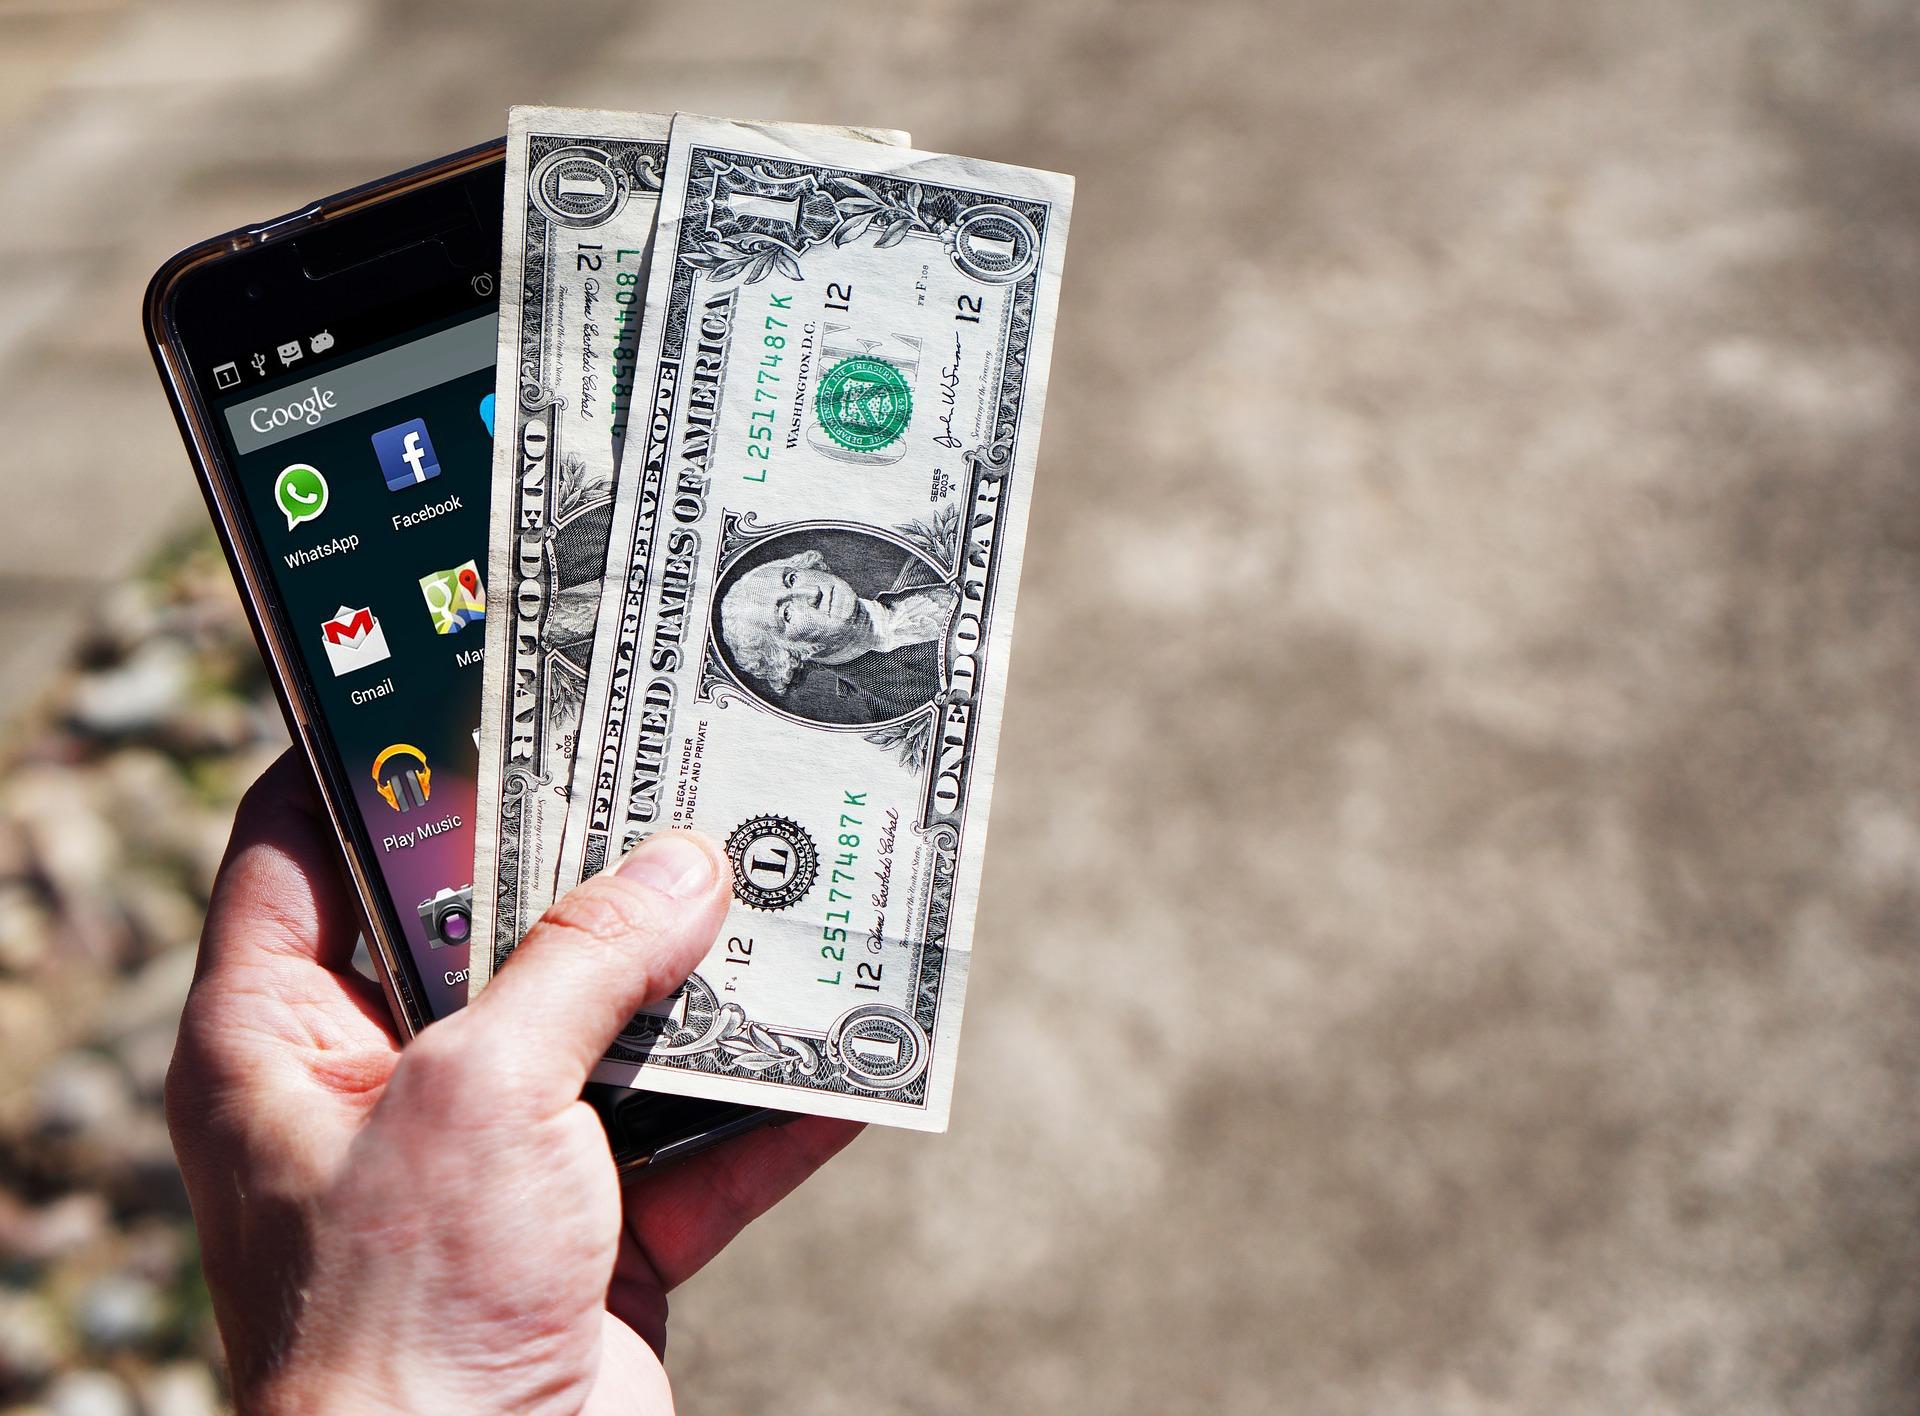 มือข้างซ้ายกำลังถือสมาร์ทโฟน และเงินสองดอลล่าห์สหรัฐ